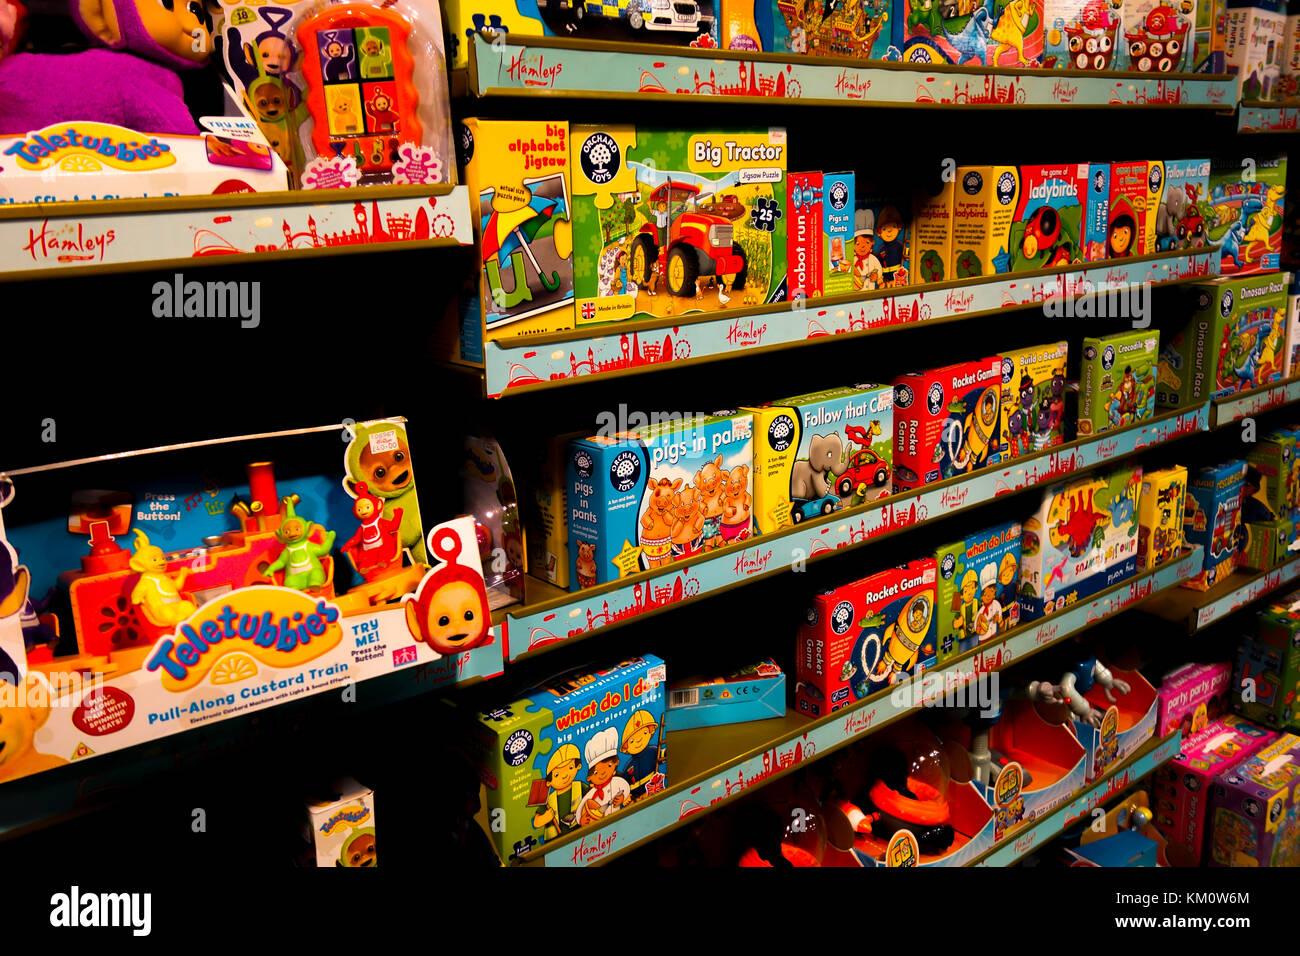 Shop Spielzeug. Toy Store. In Spielzeug Shop. Regalreihen